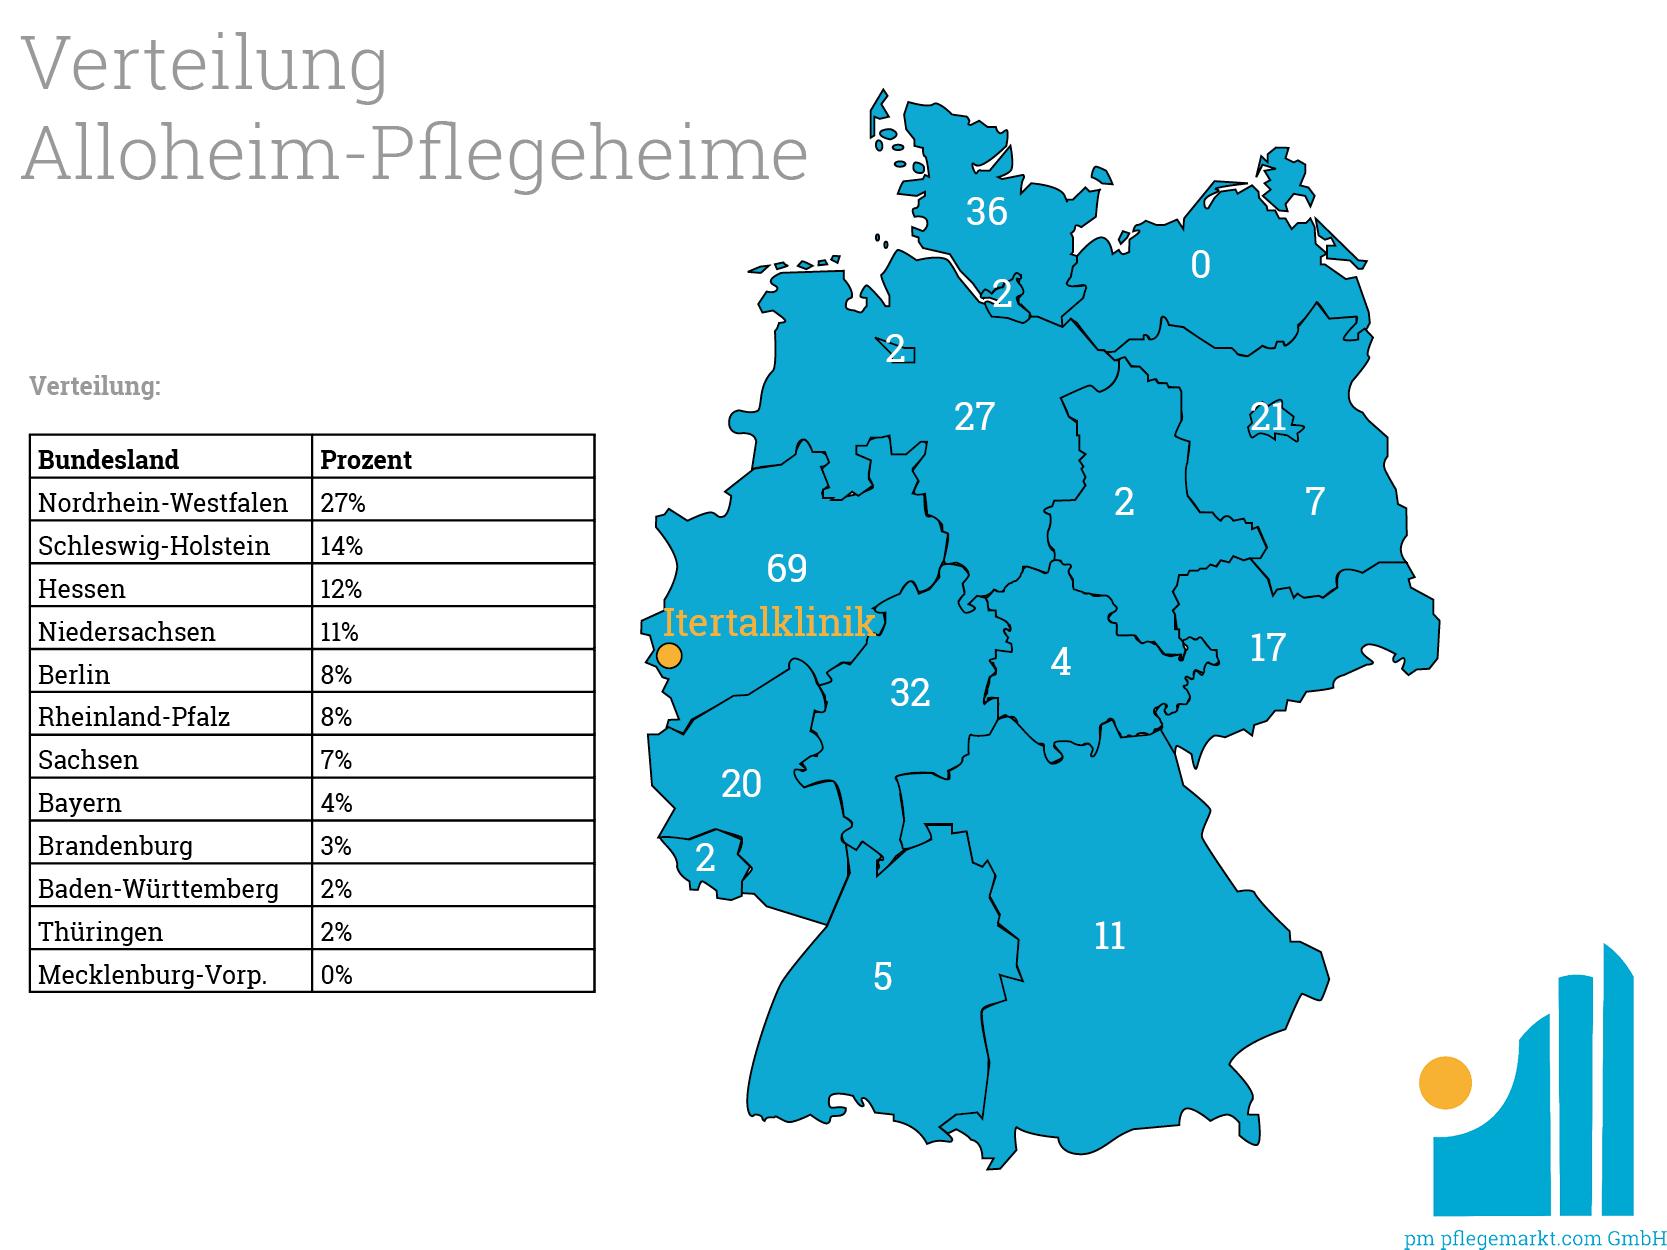 Verteilung Alloheim-Pflegeheime